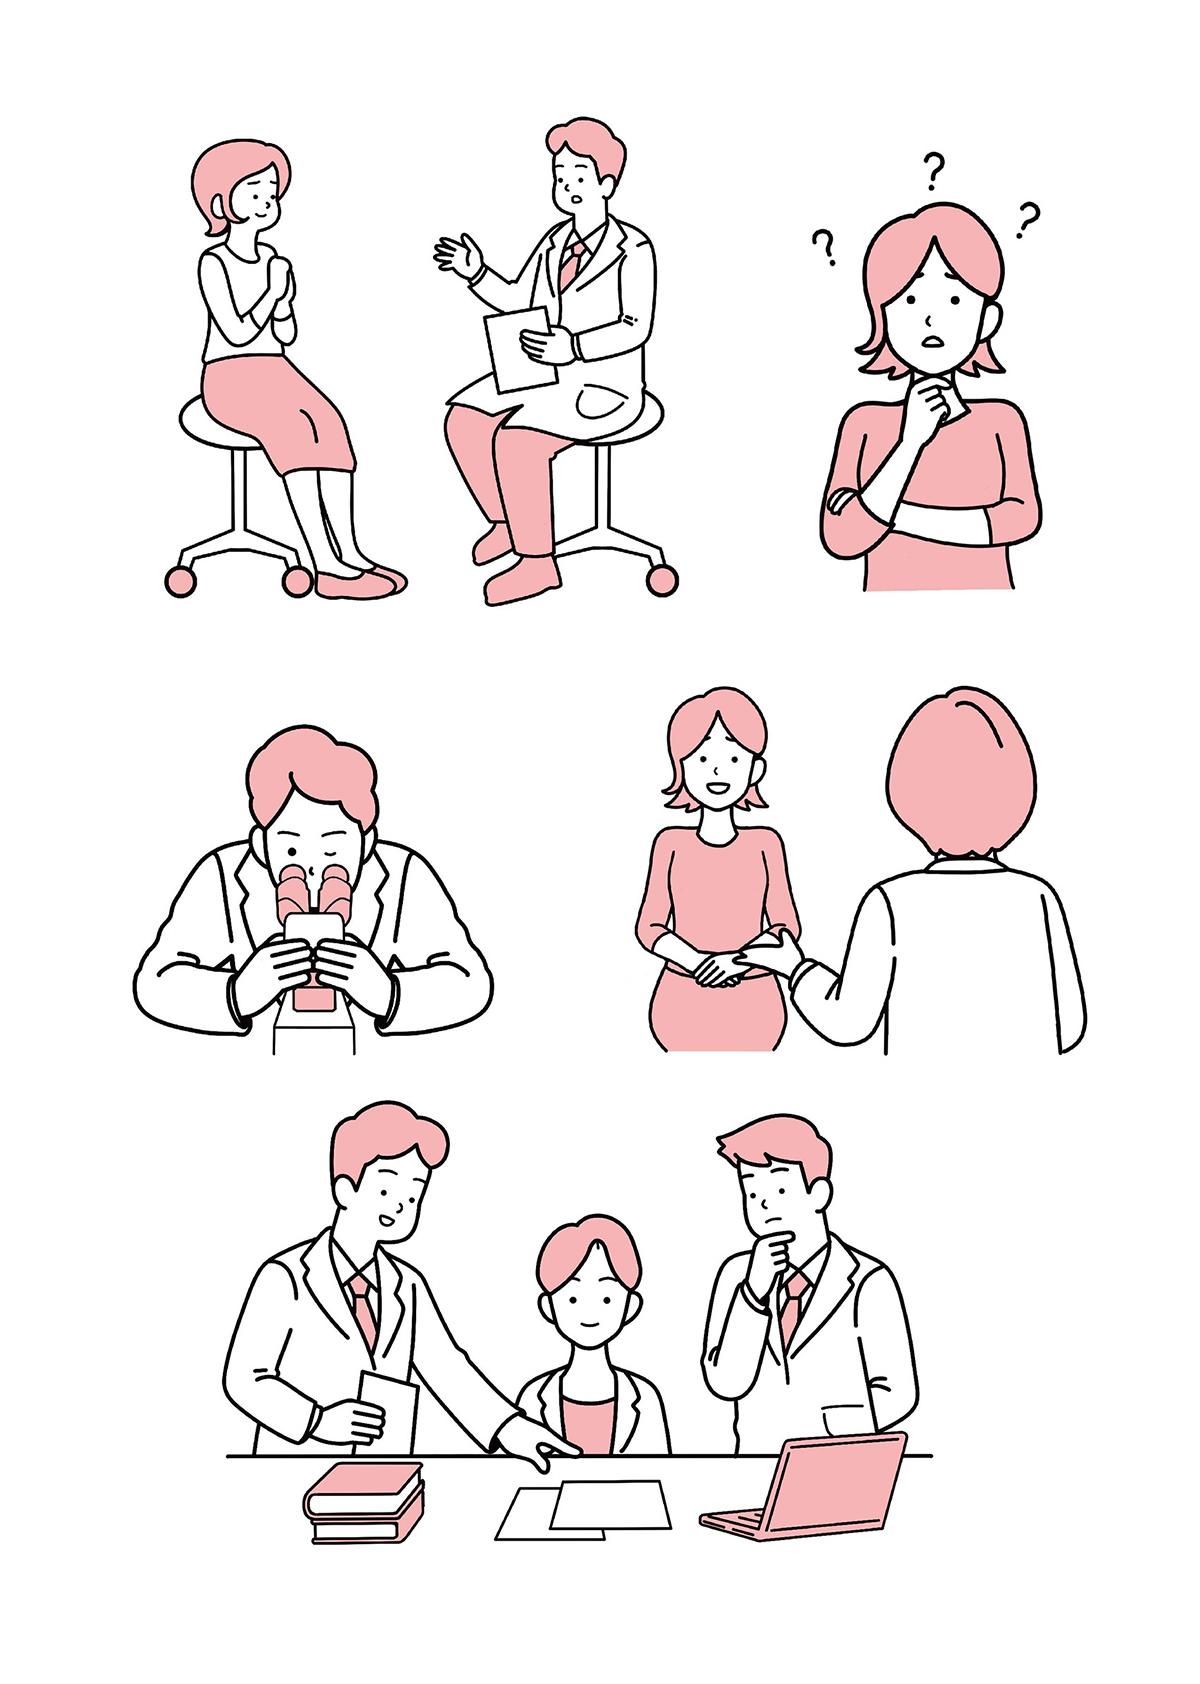 病院 パンフレット 挿絵